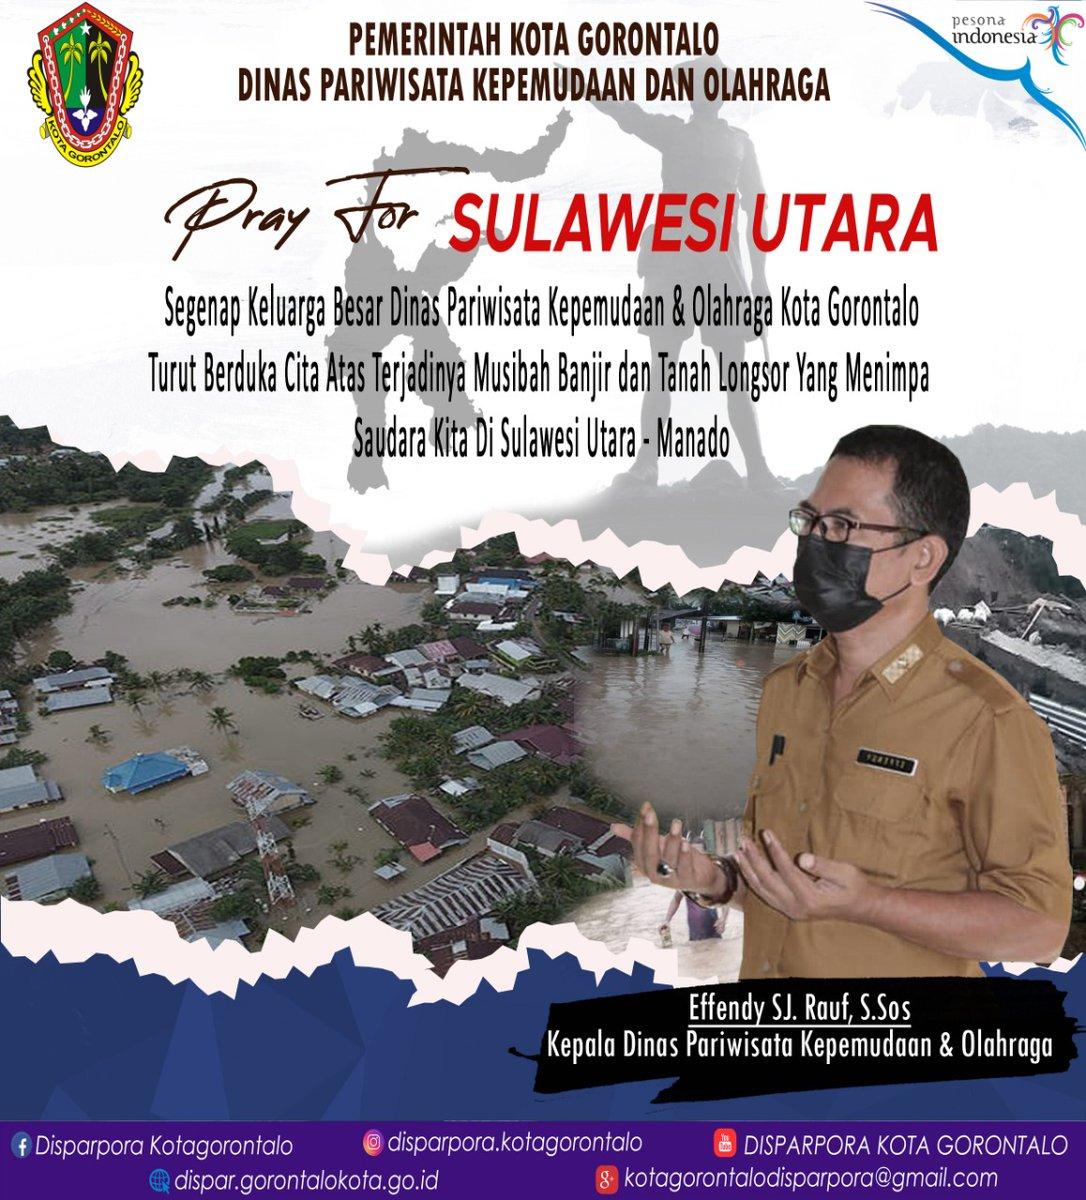 Doa terbaik buat kalian yang ada di Sulawesi Utara - Kota Manado yang terdampak banjir dan tanah longsor, staysafe semua 🙏🙏  #prayforsulut #prayforindonesia #staysafe